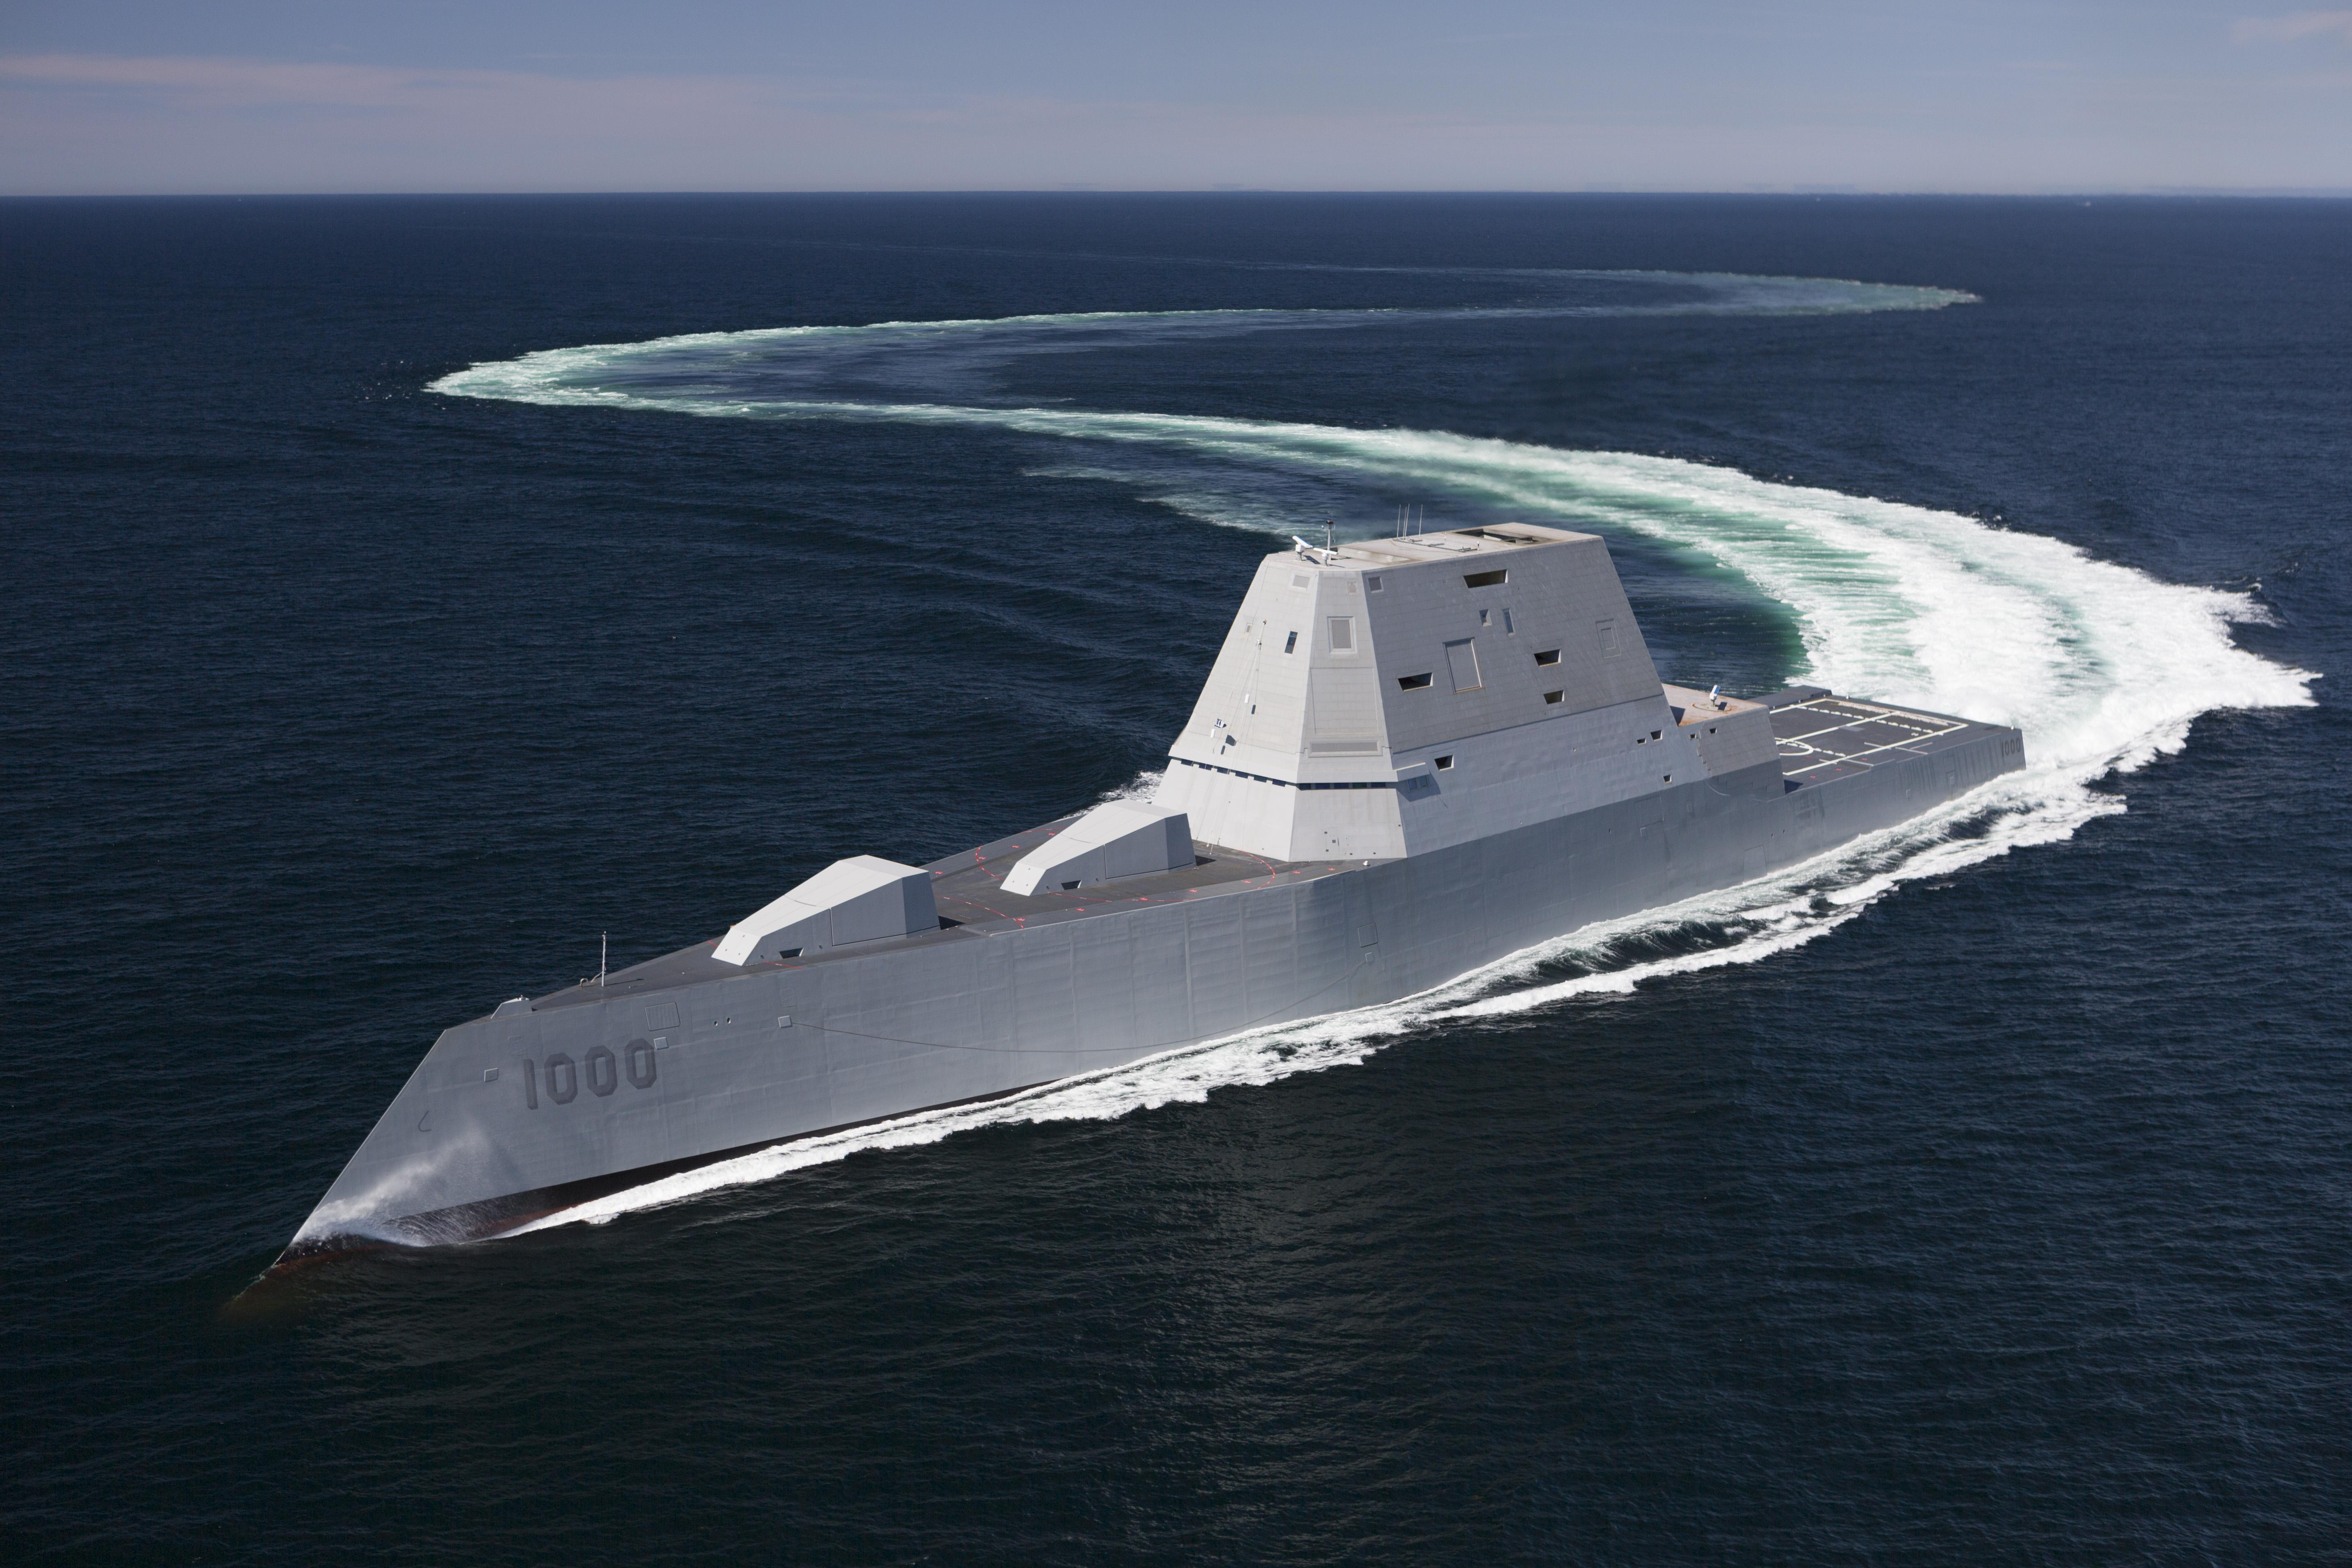 Intelligenza artificiale. La US Navy connetterà la flotta tramite IA